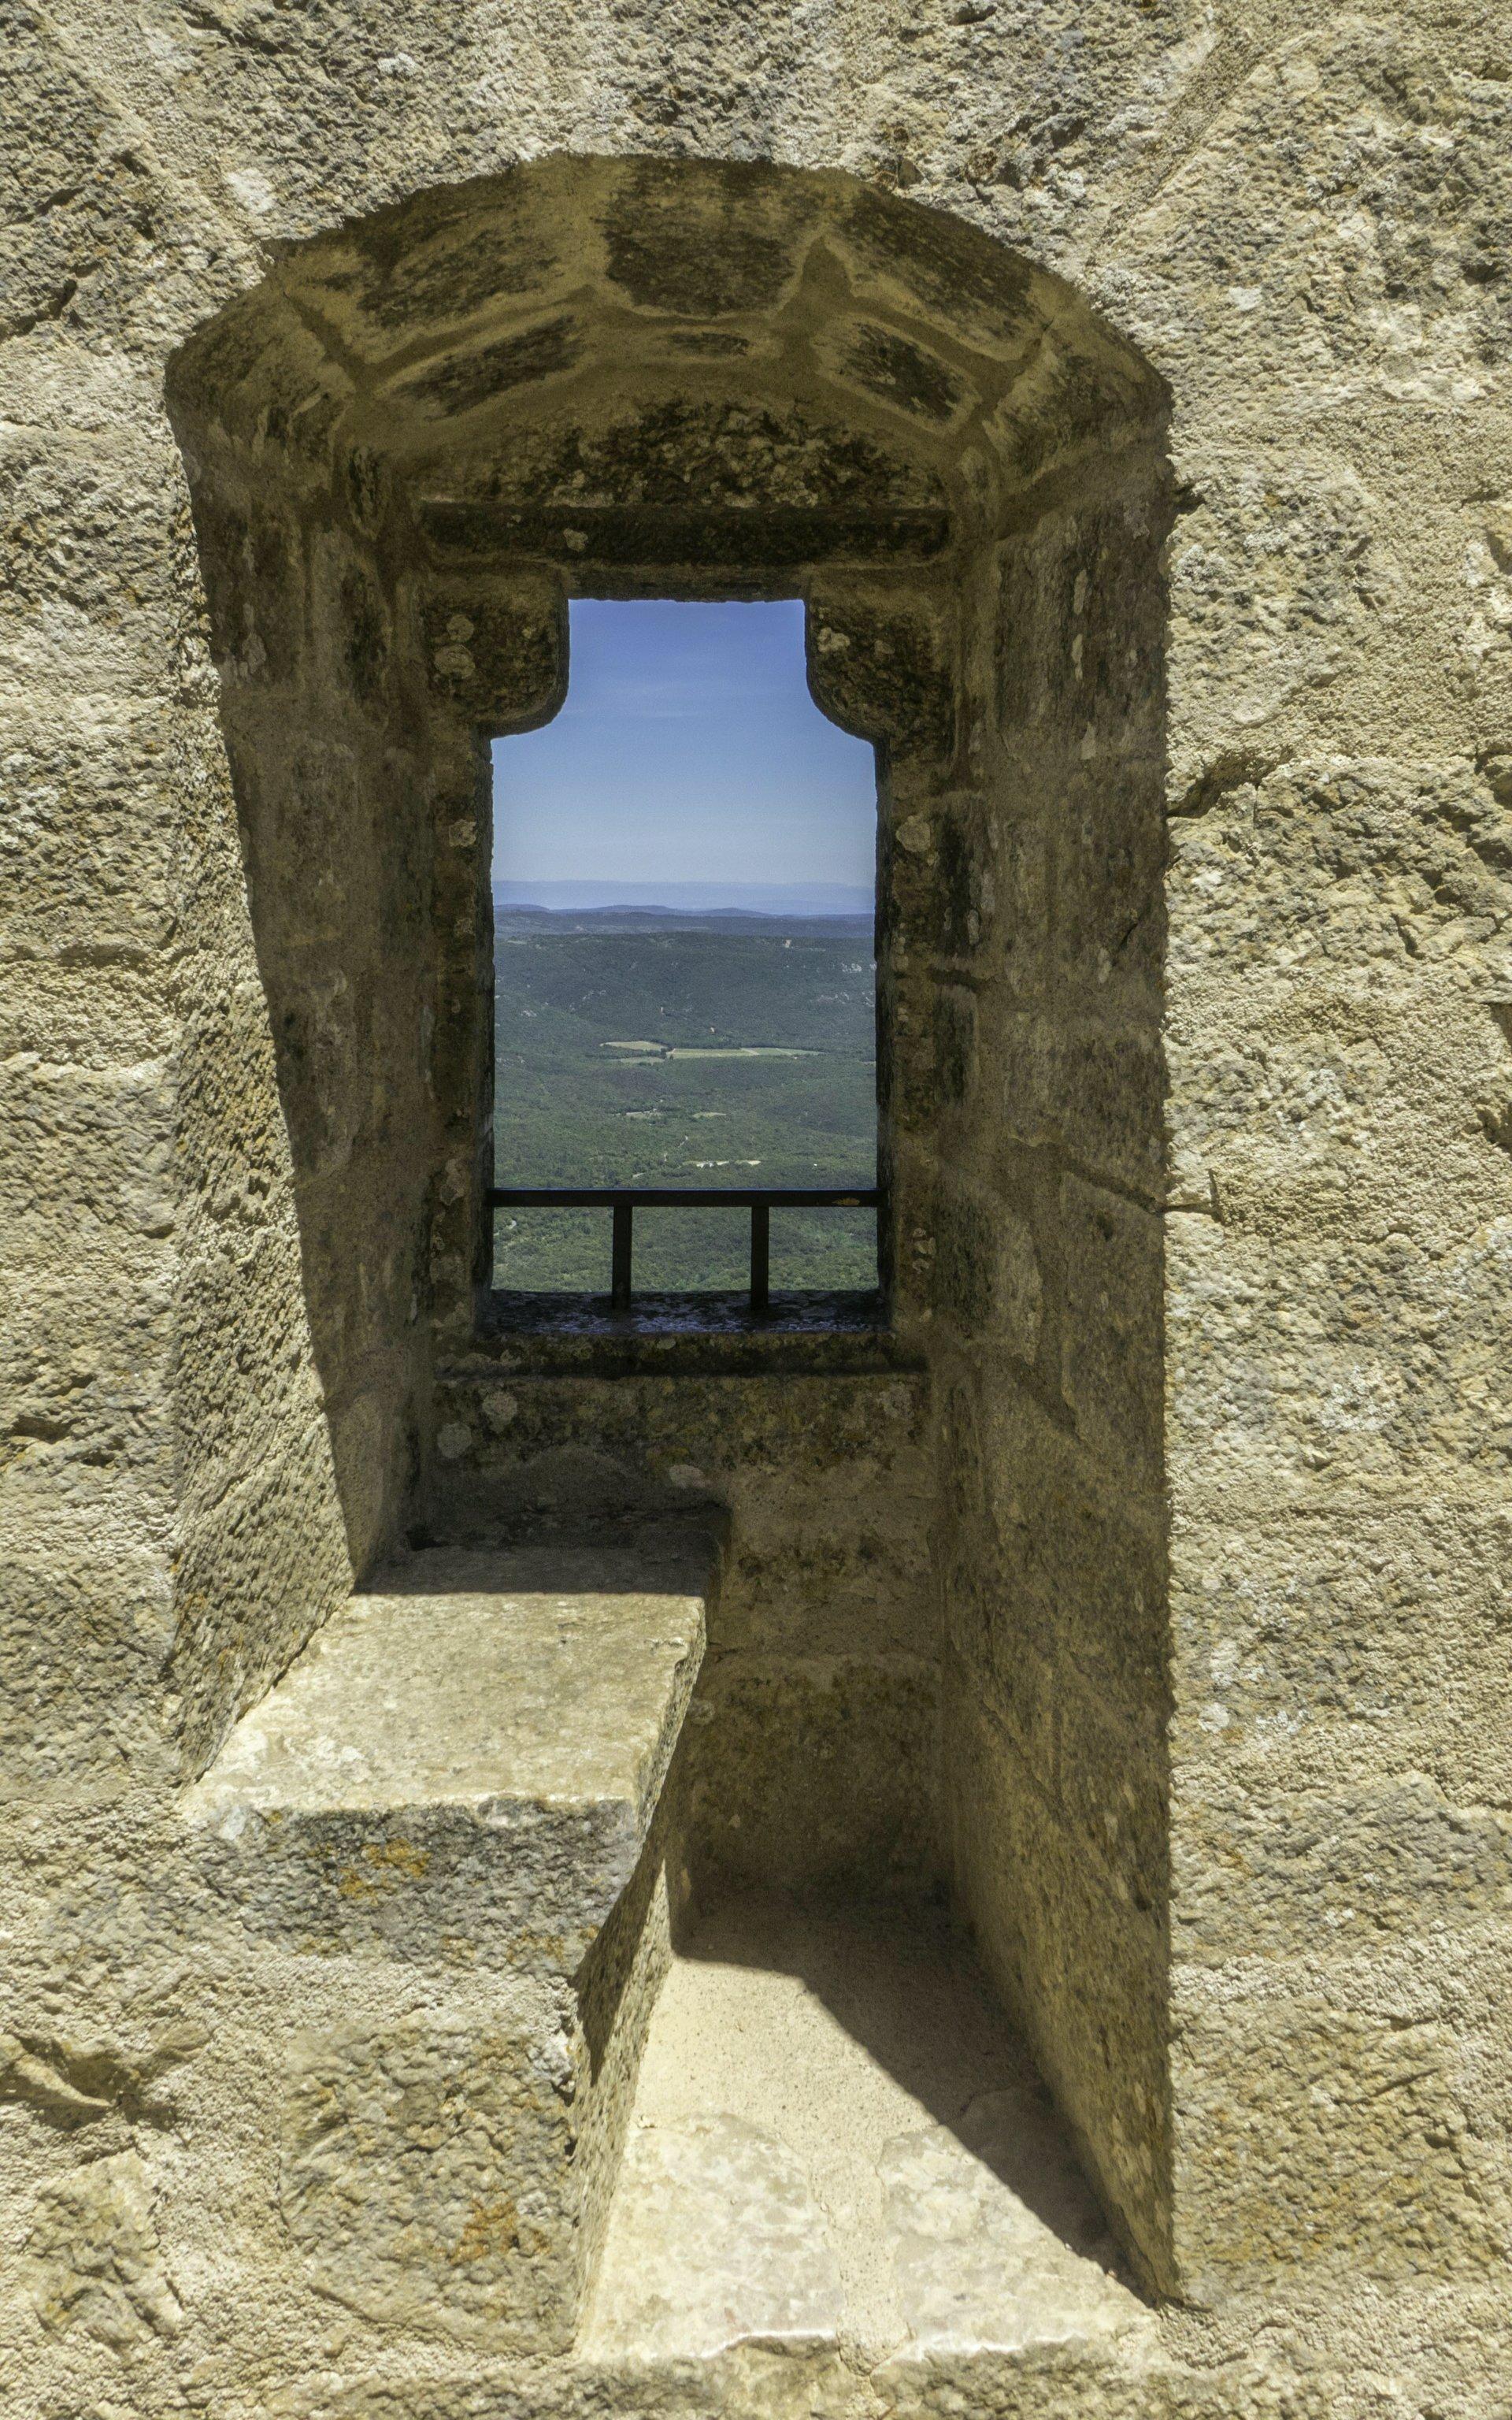 Fensternische in der oberen Burg vom Château de Peyrepertuse